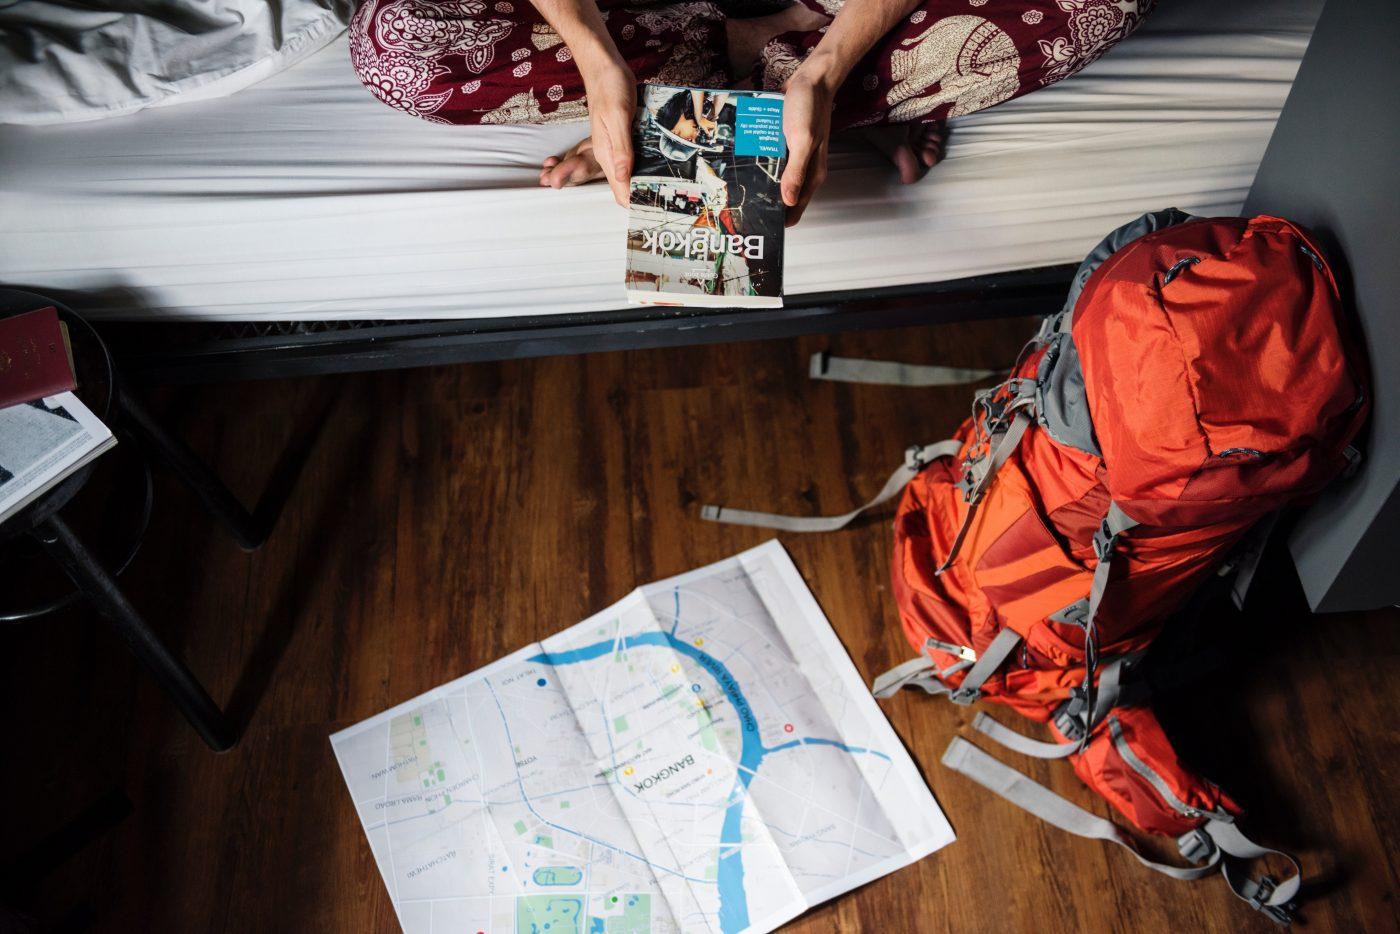 Workaway: Hostel backpacker